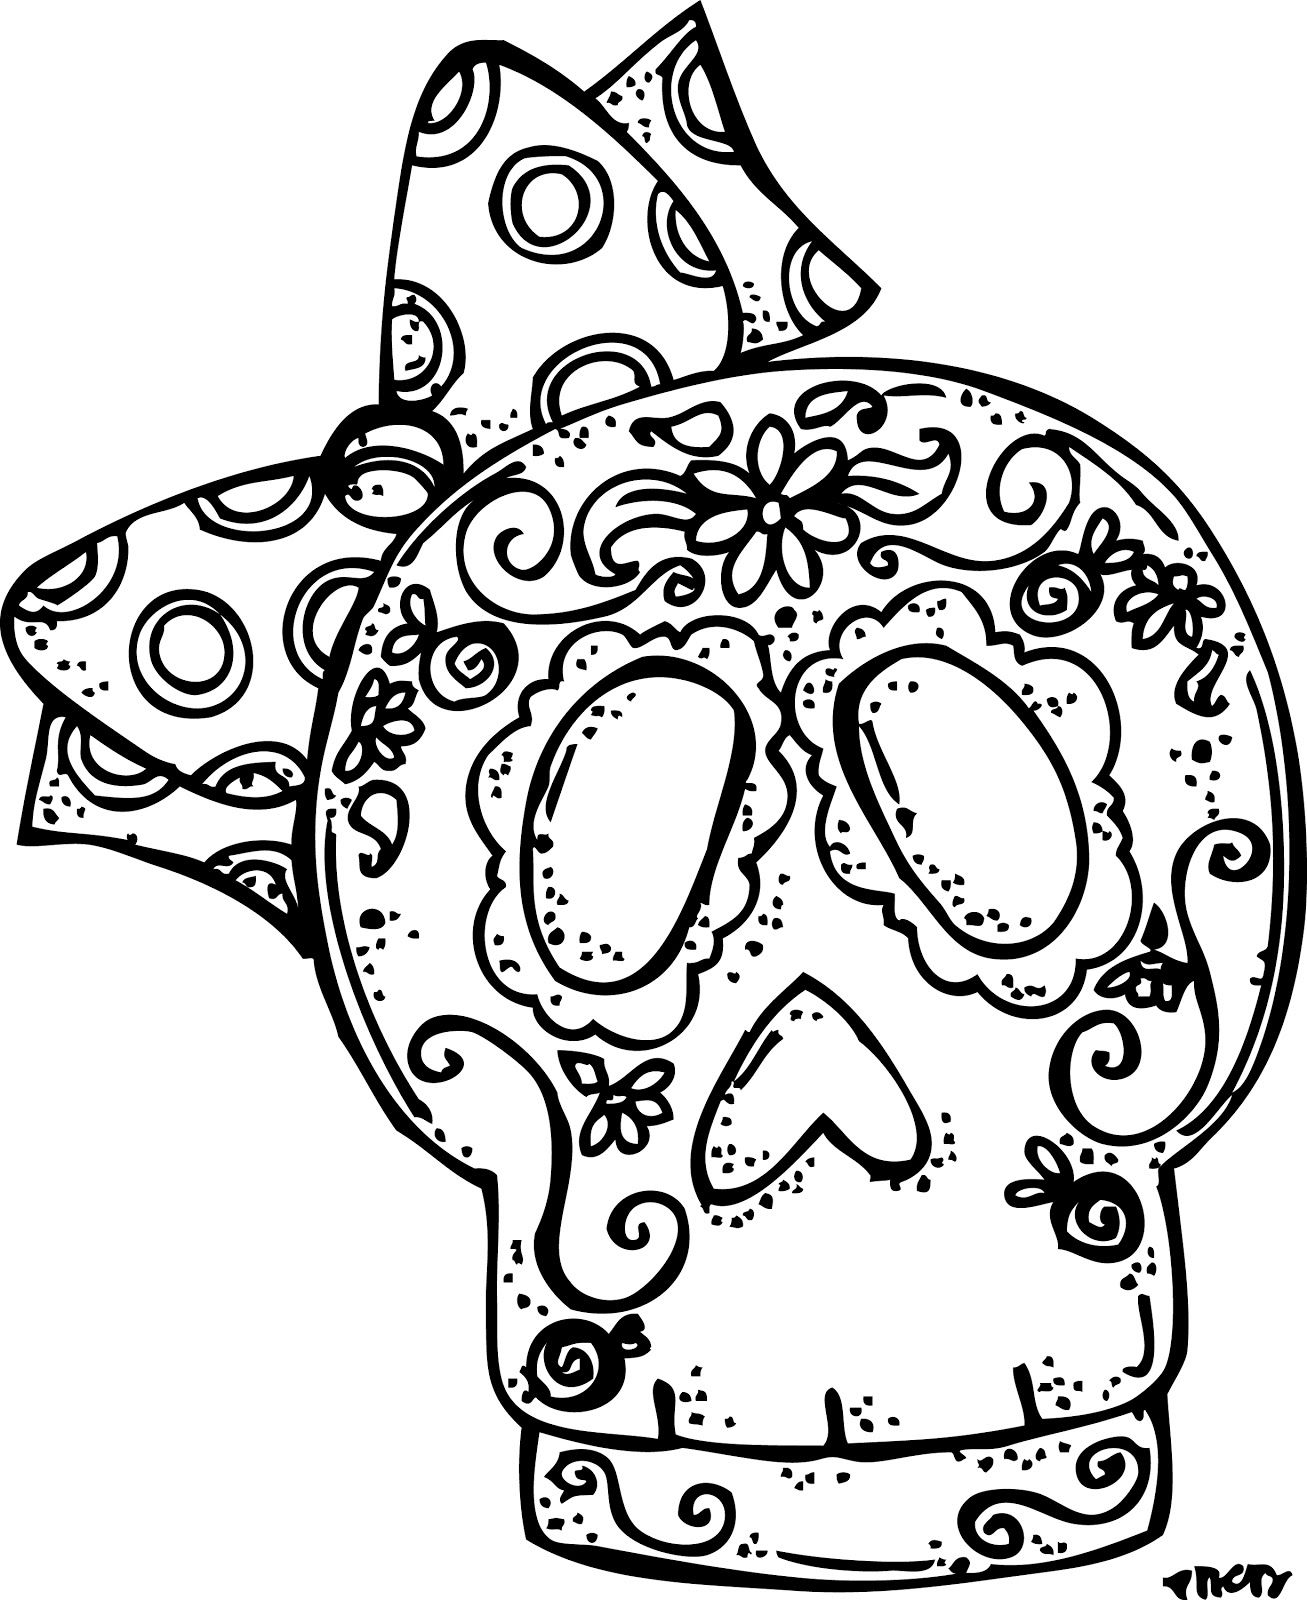 dia de los muertos coloring pages all coloring page - Cinco De Mayo Skull Coloring Pages